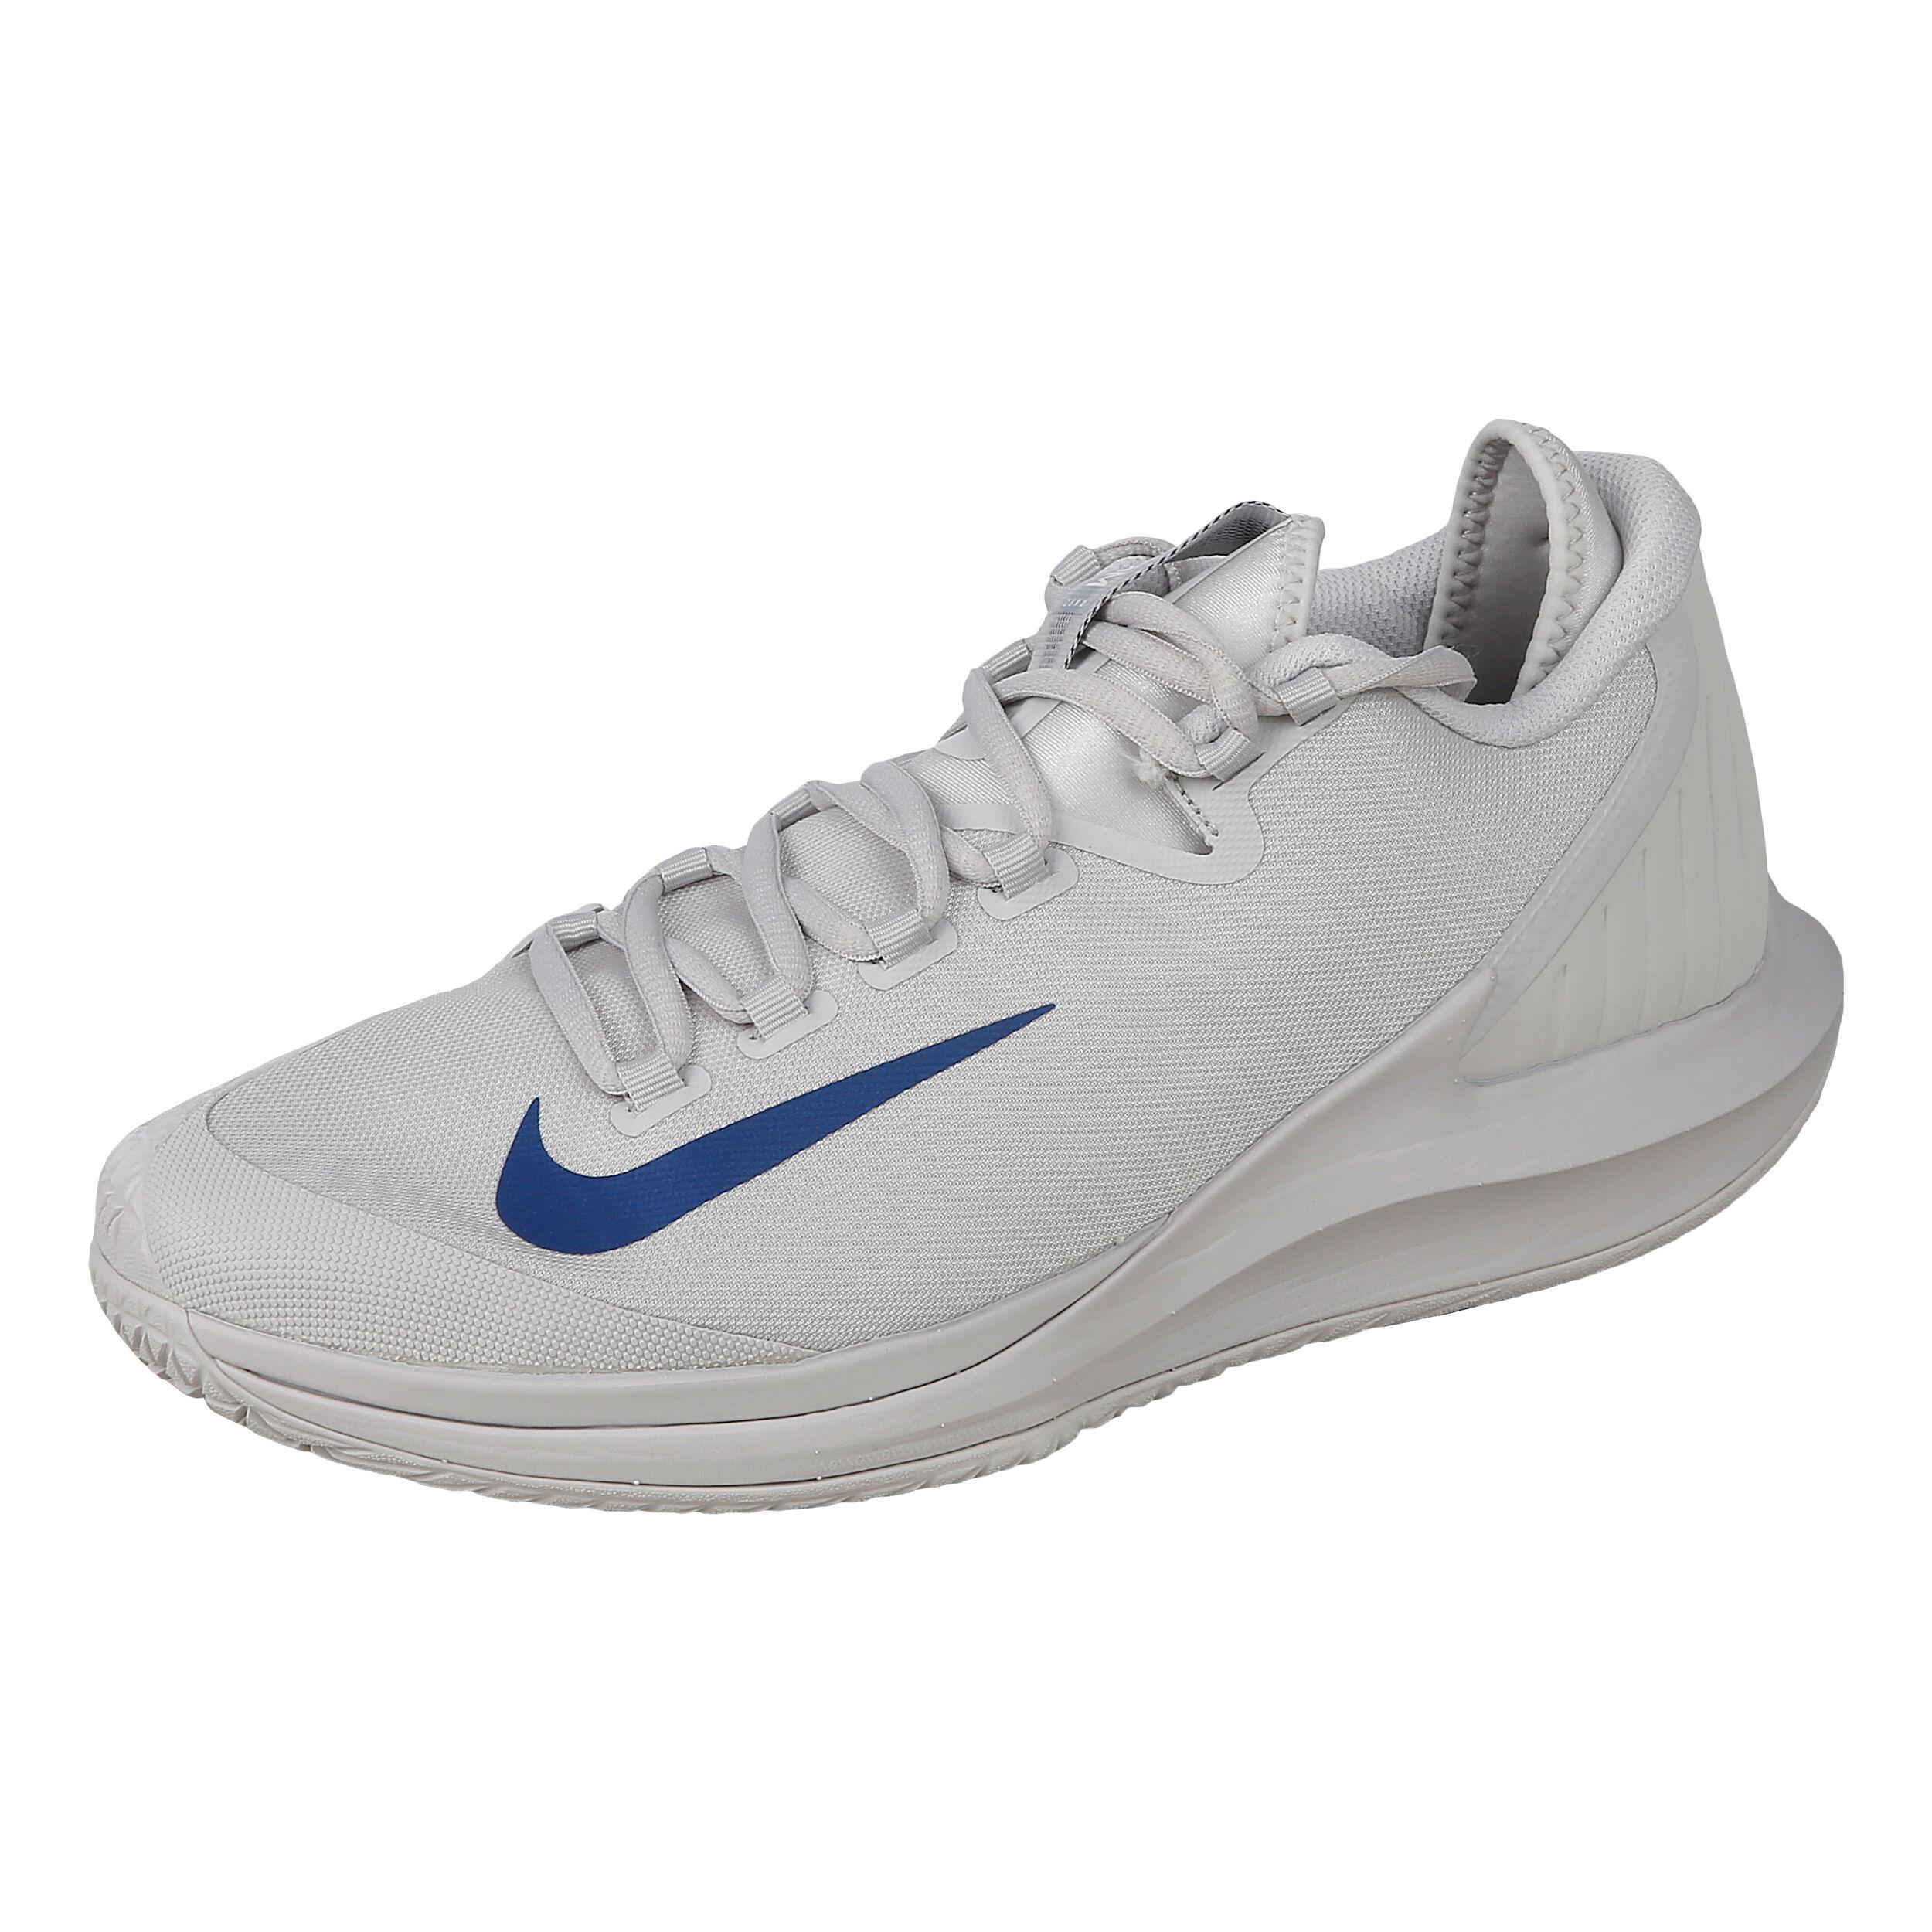 Schwarz weiße Nike Zoom 2000 Herren Schuhe Gr. 45 45 45